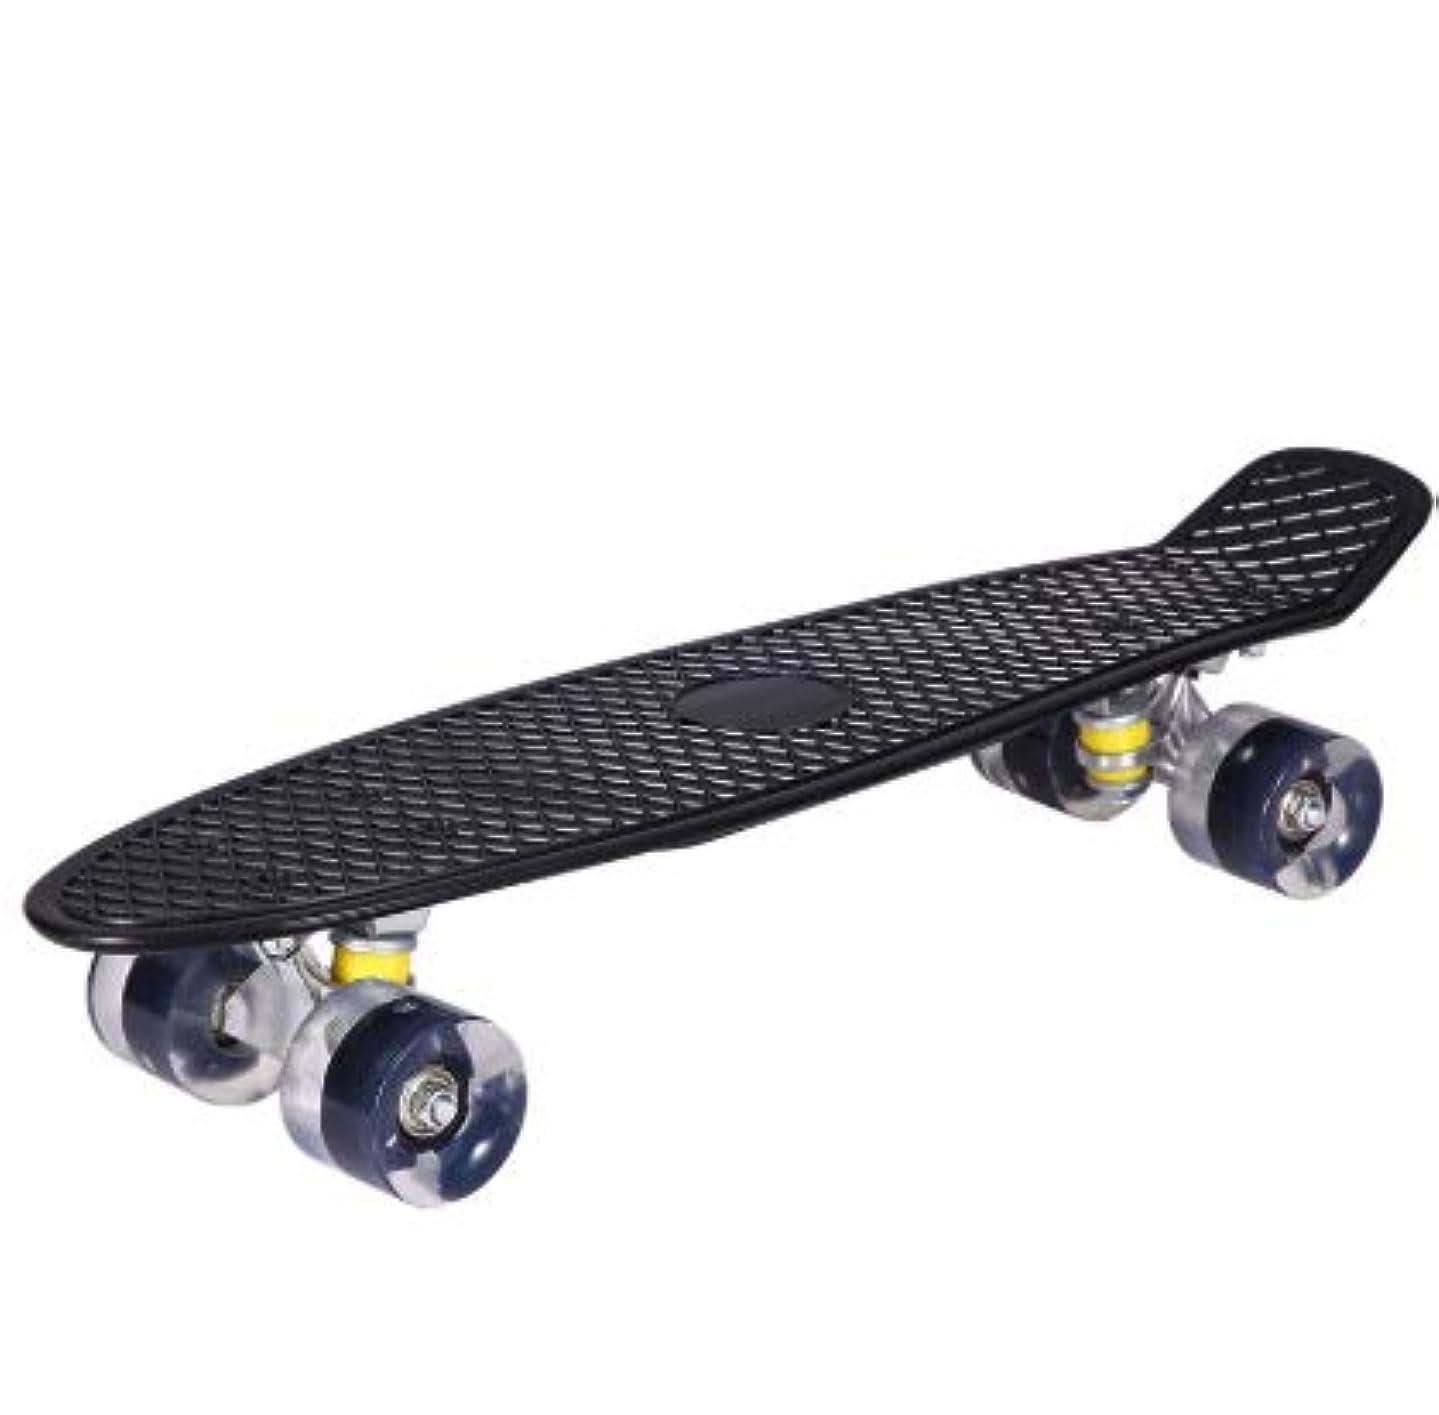 マンモススプレー映画KSS LED内蔵 スケートボード ミニクルーザー コンプリートセット (ブラック)